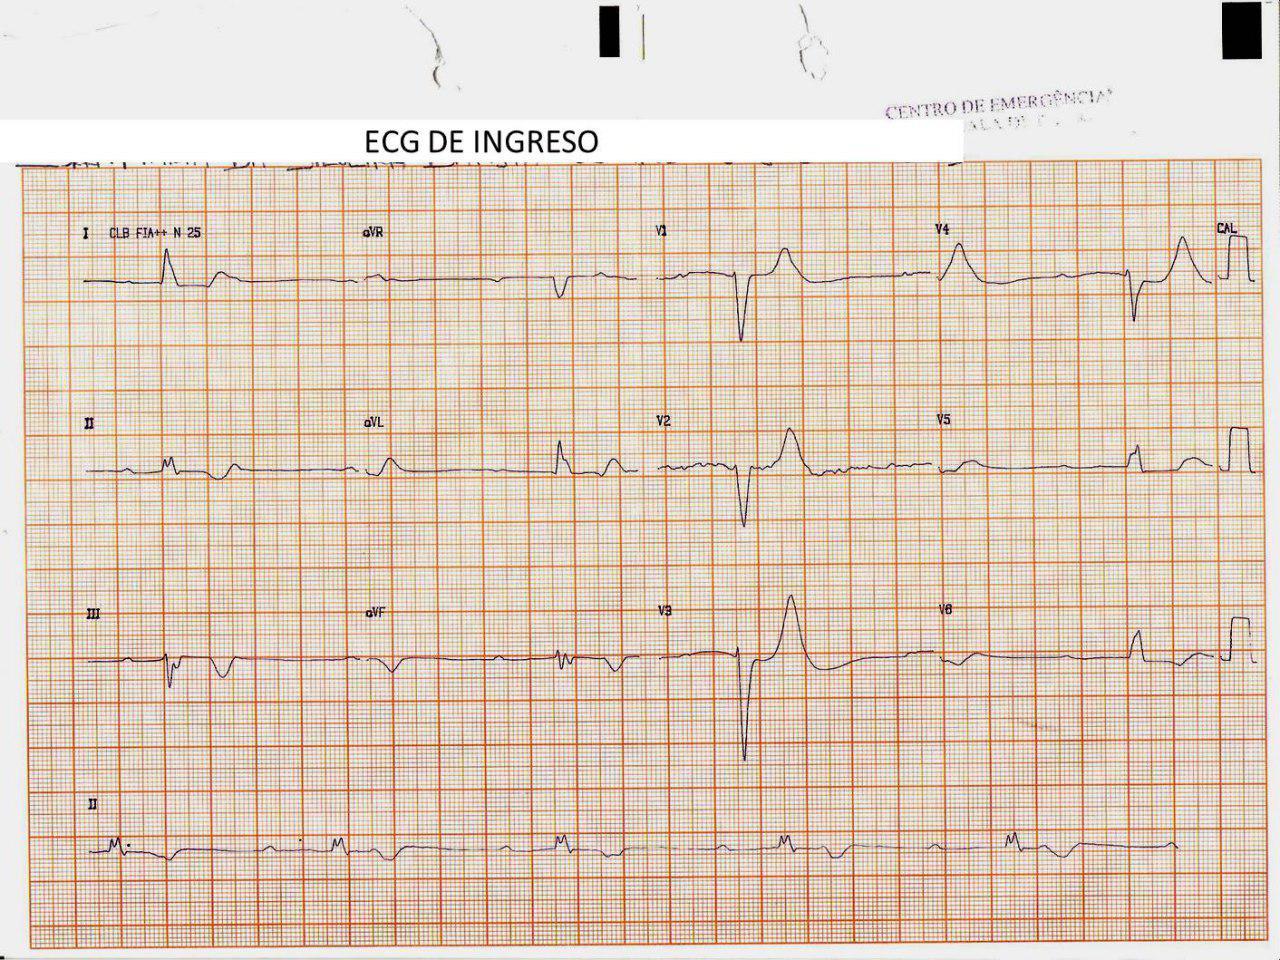 Mujer de 63 años, hipertensa y diabética con insuficiencia renal crónica e hiper K que presenta episodios sincopales por BAVC